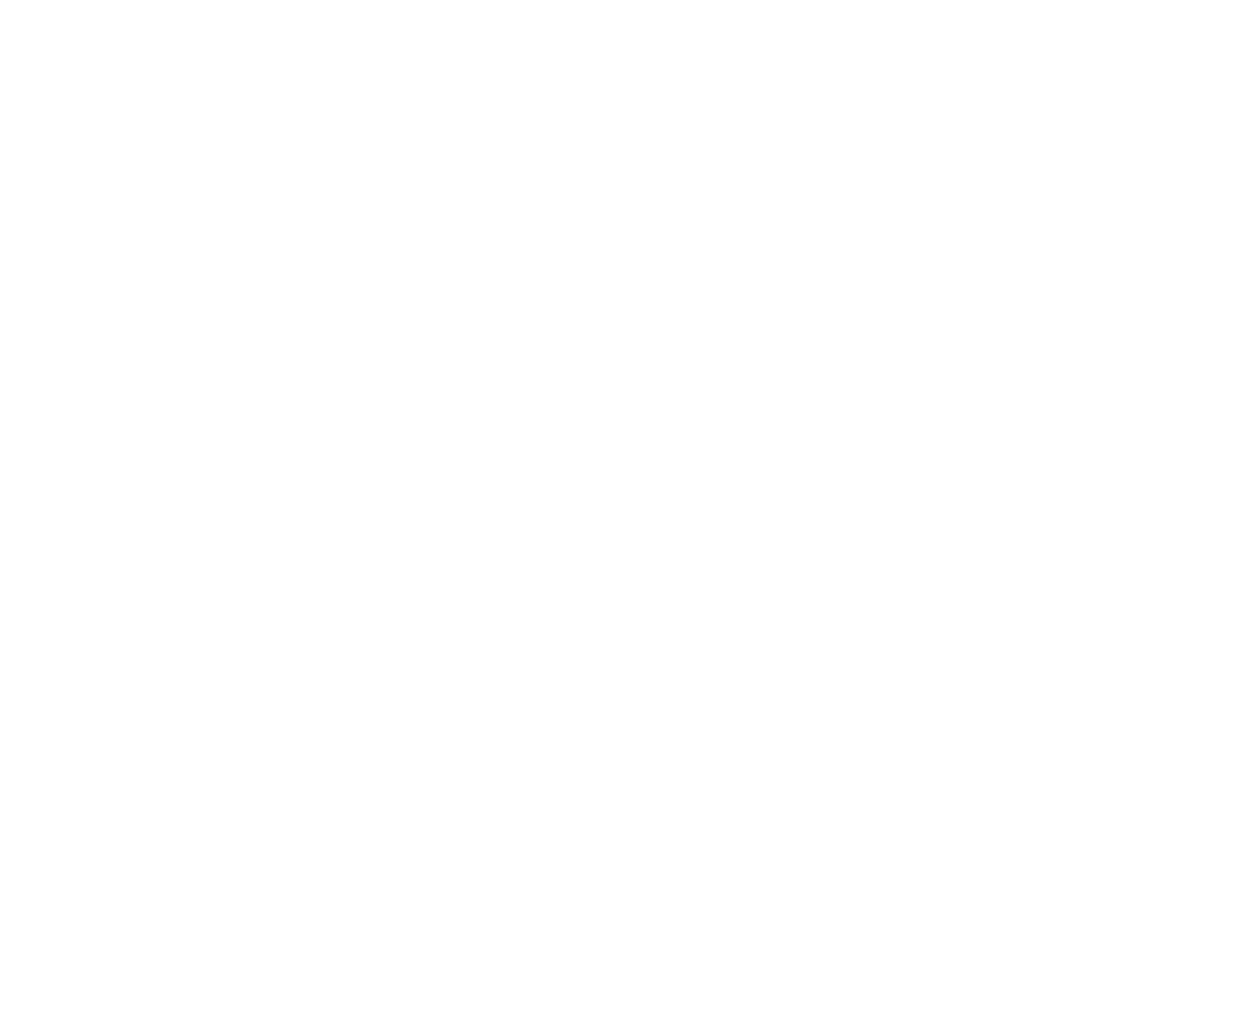 OD S&B